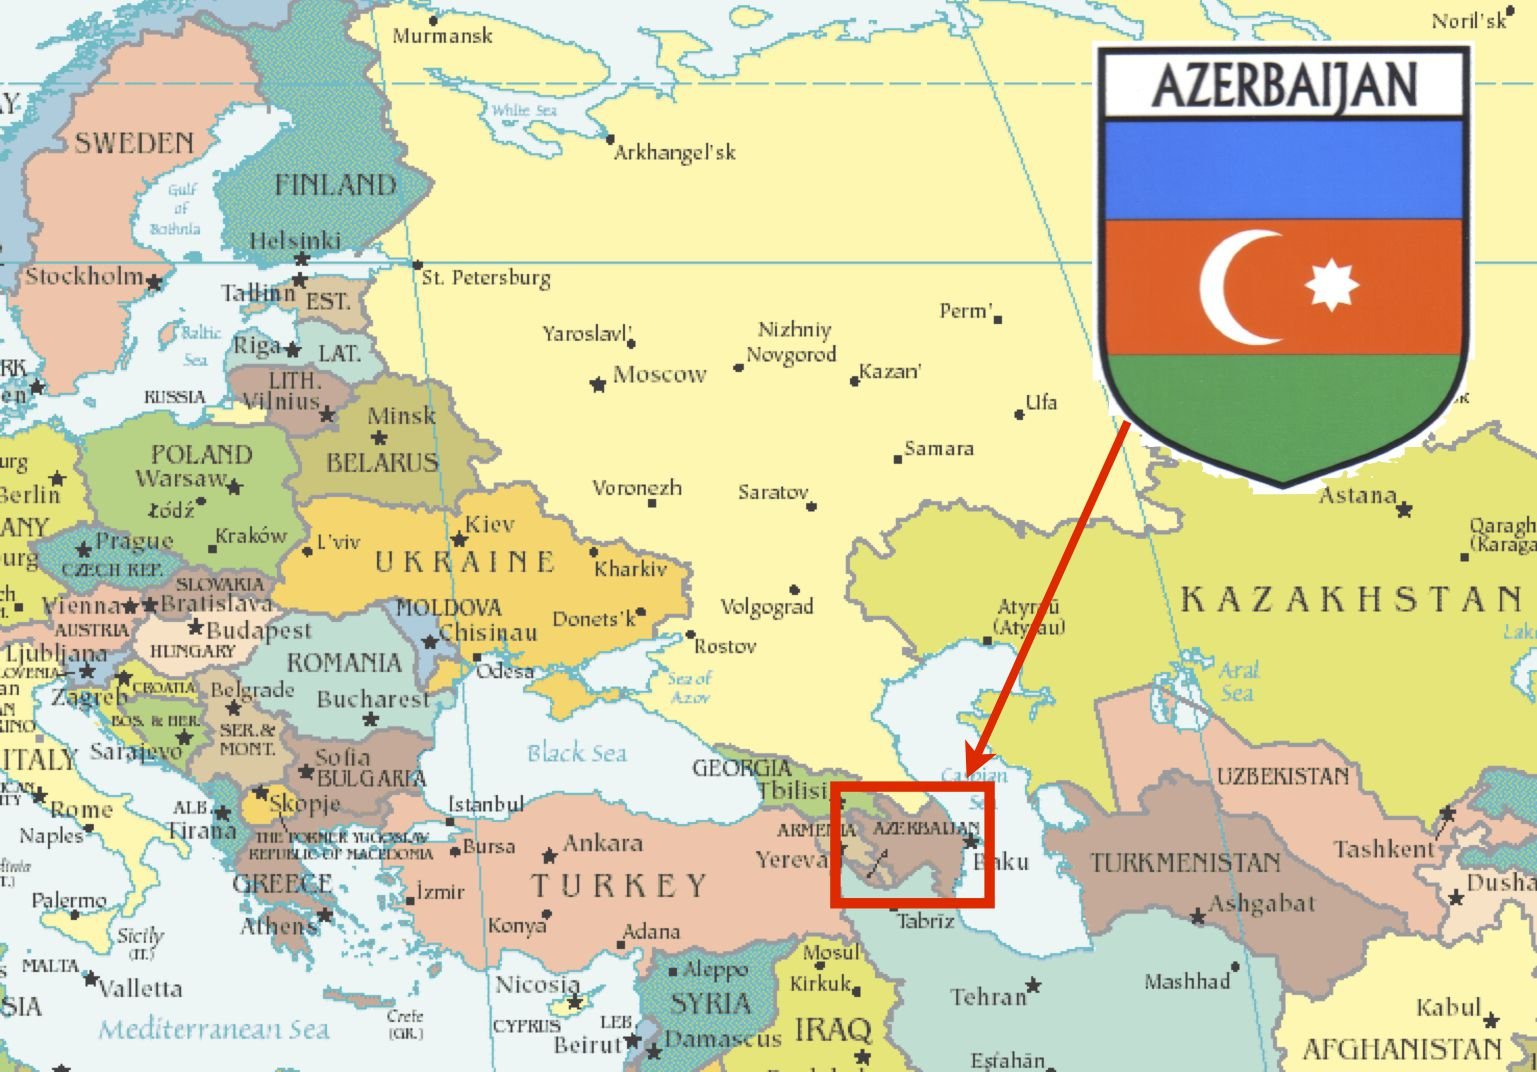 معلومات عن اذربيجان وحدودها الدولية وتاريخها المرسال